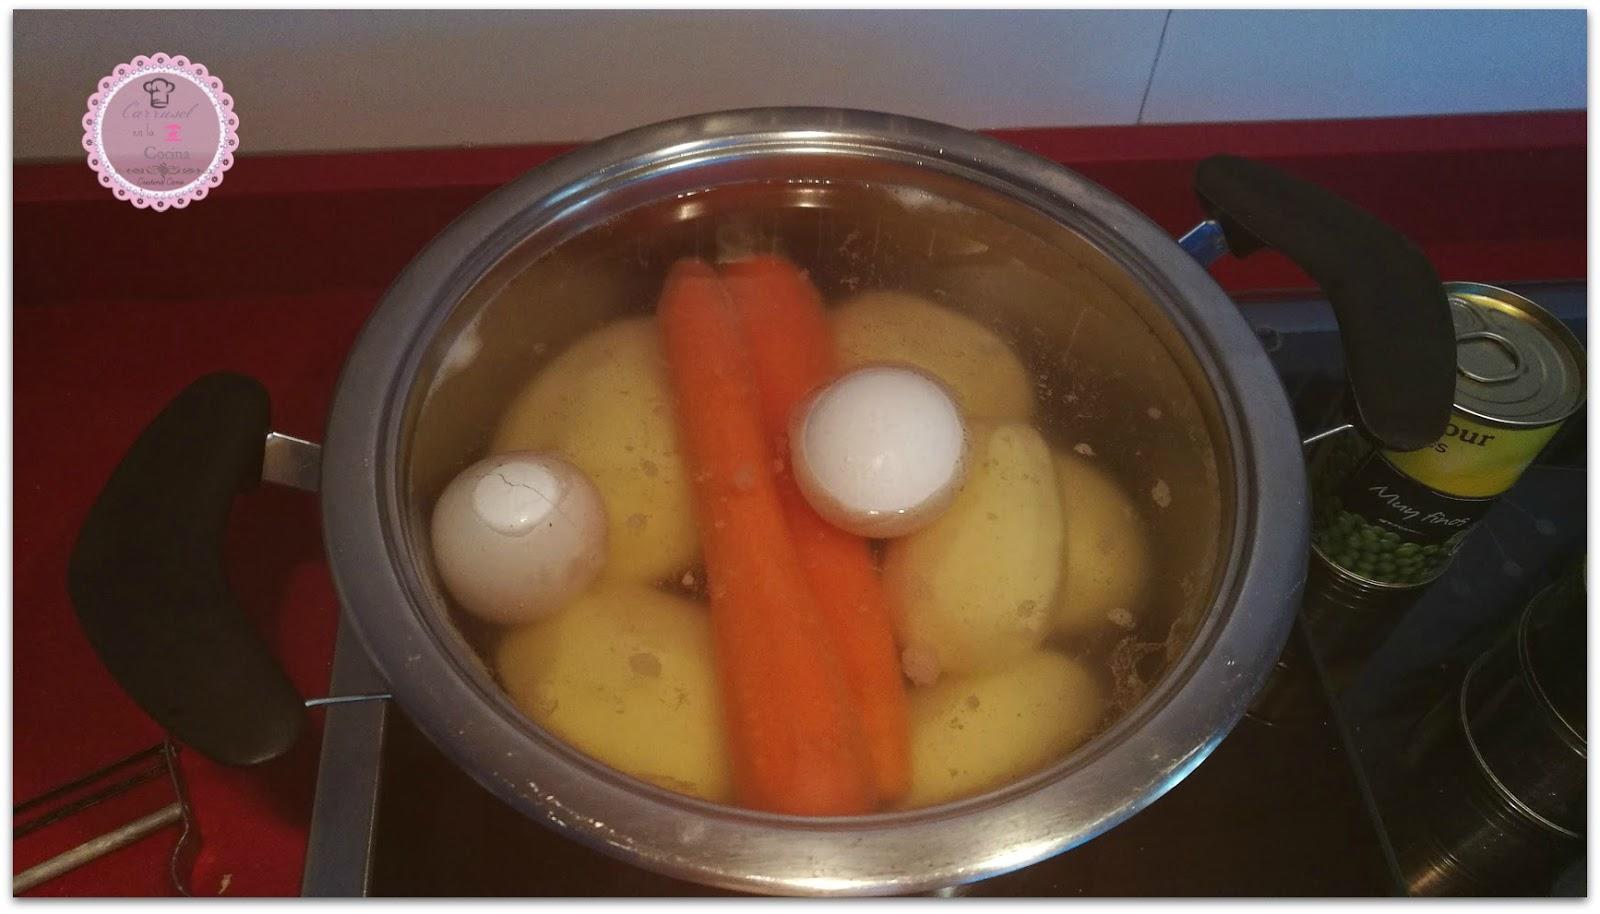 Carrusel en la cocina ensaladilla rusa - Tiempo para cocer patatas ...